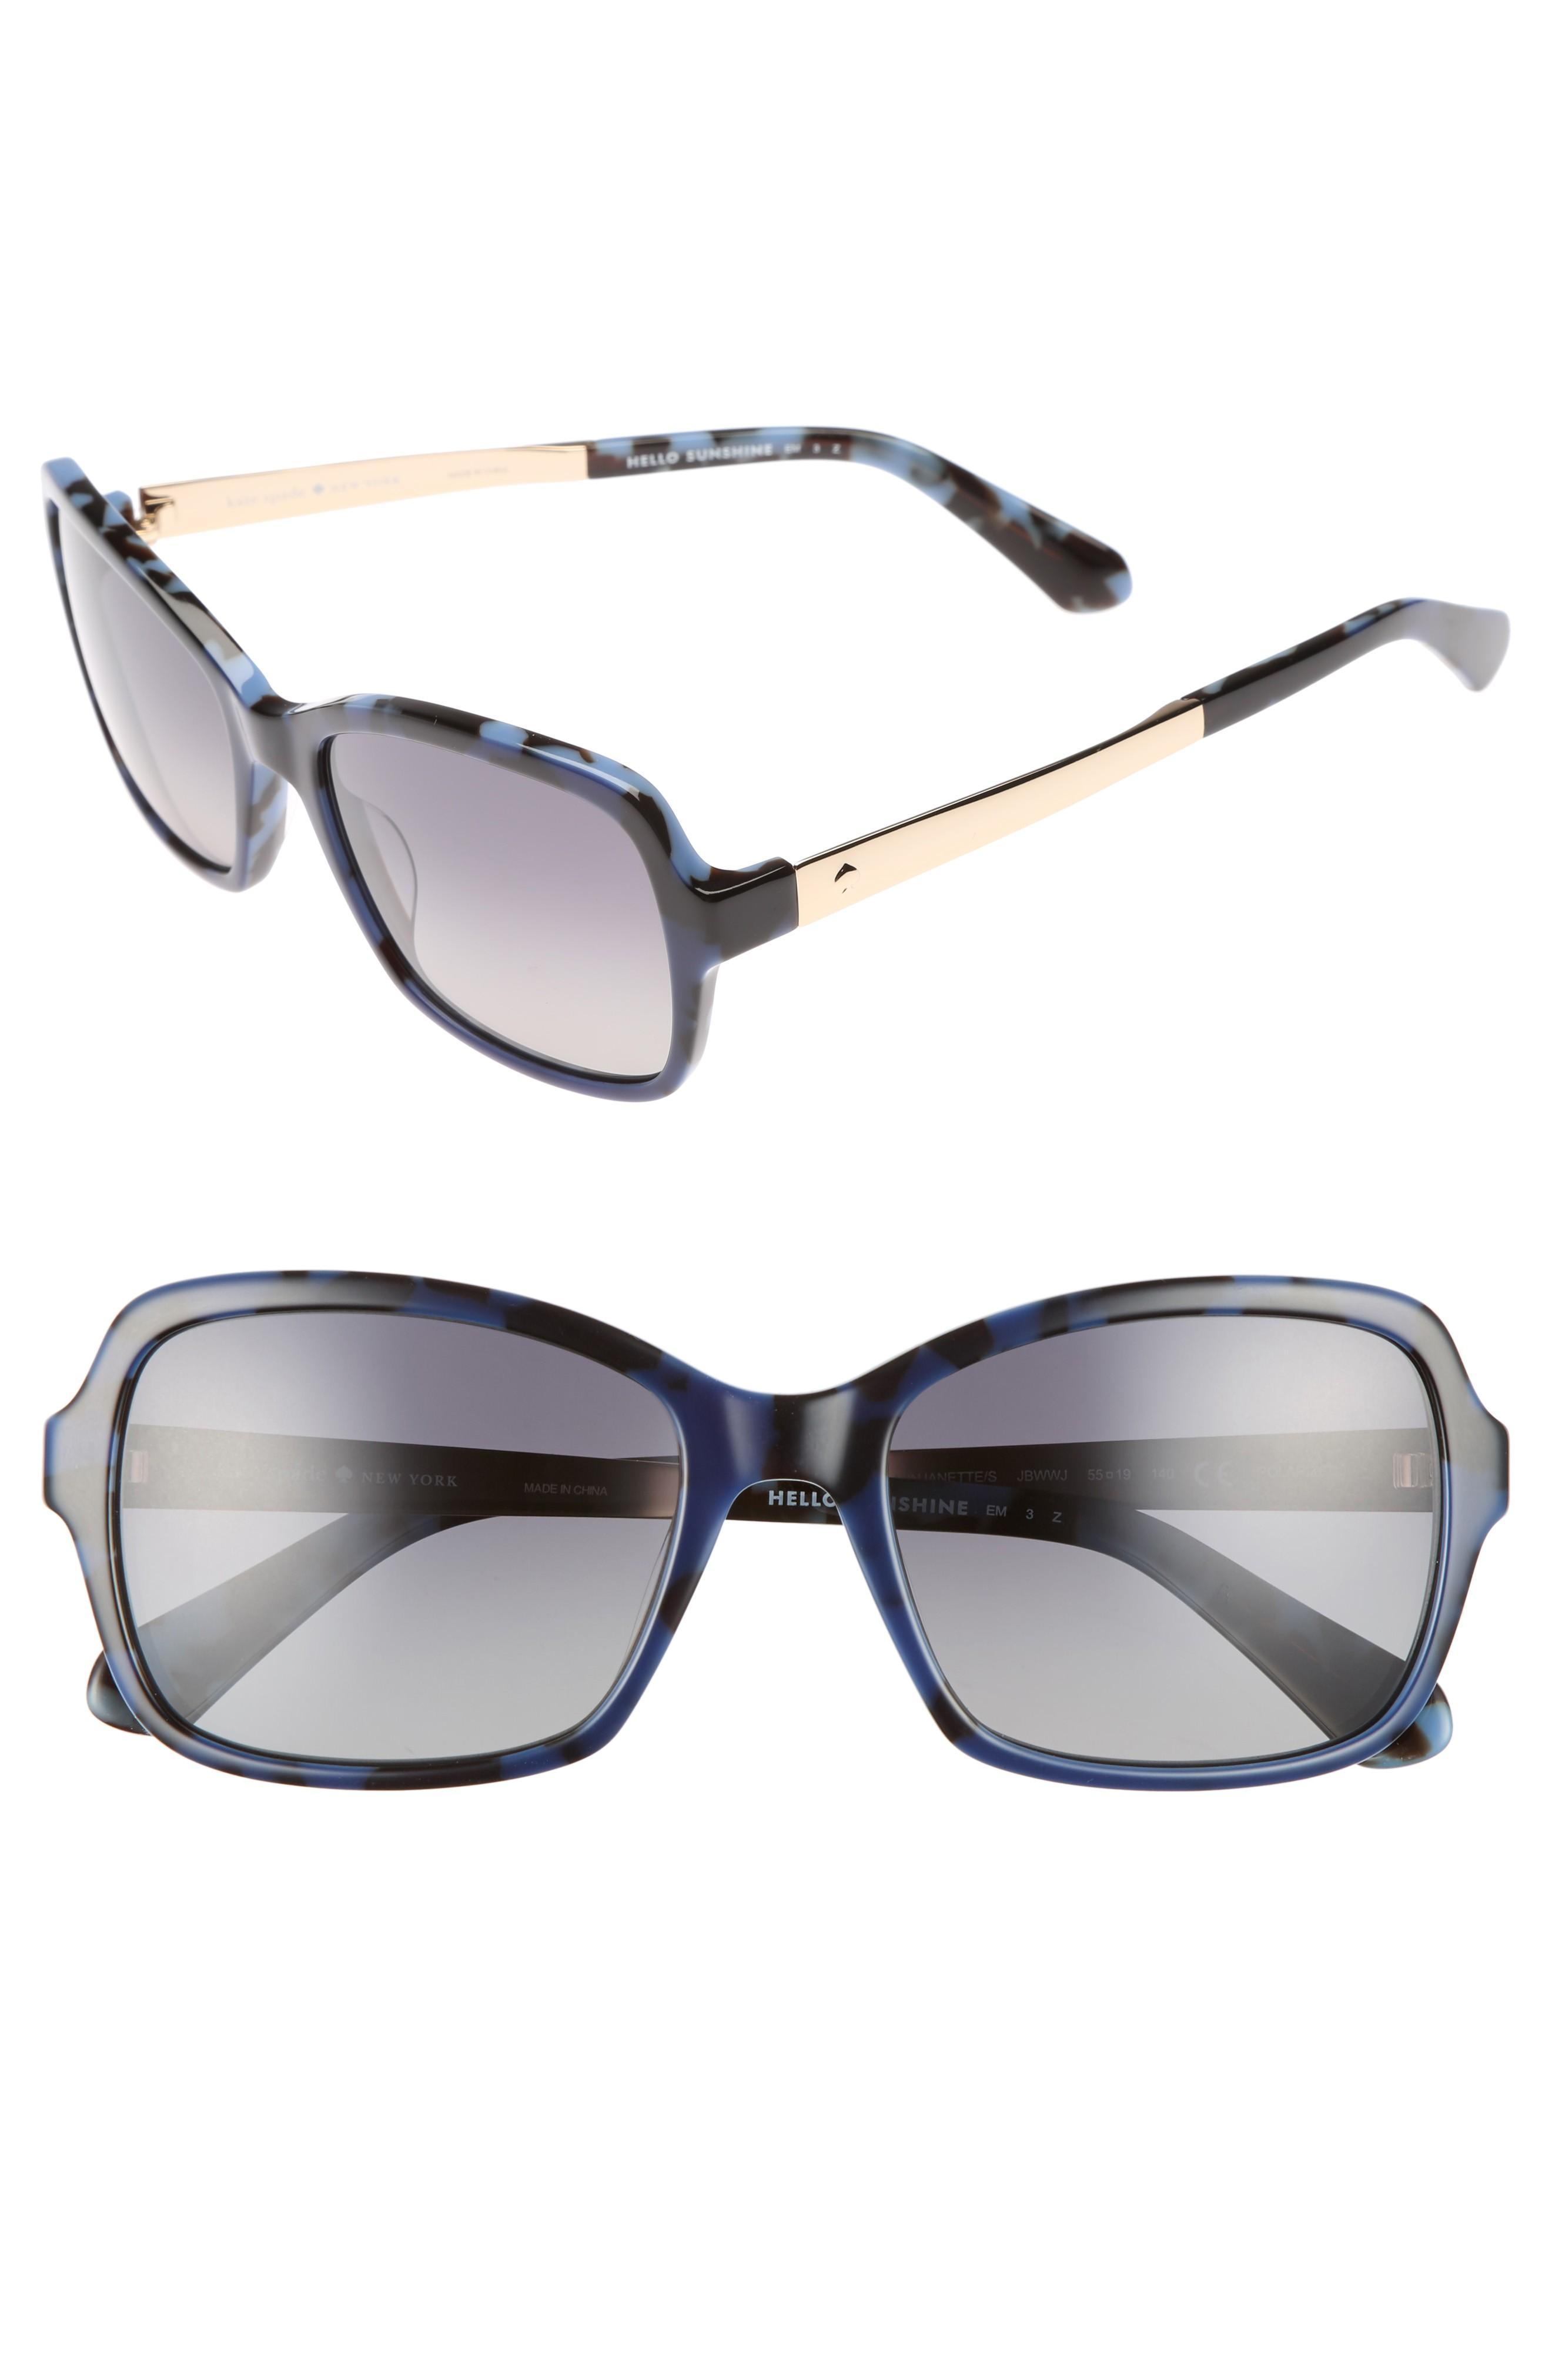 af7ea193f8 Kate Spade Annjanette 55Mm Polarized Sunglasses - Blue Havana